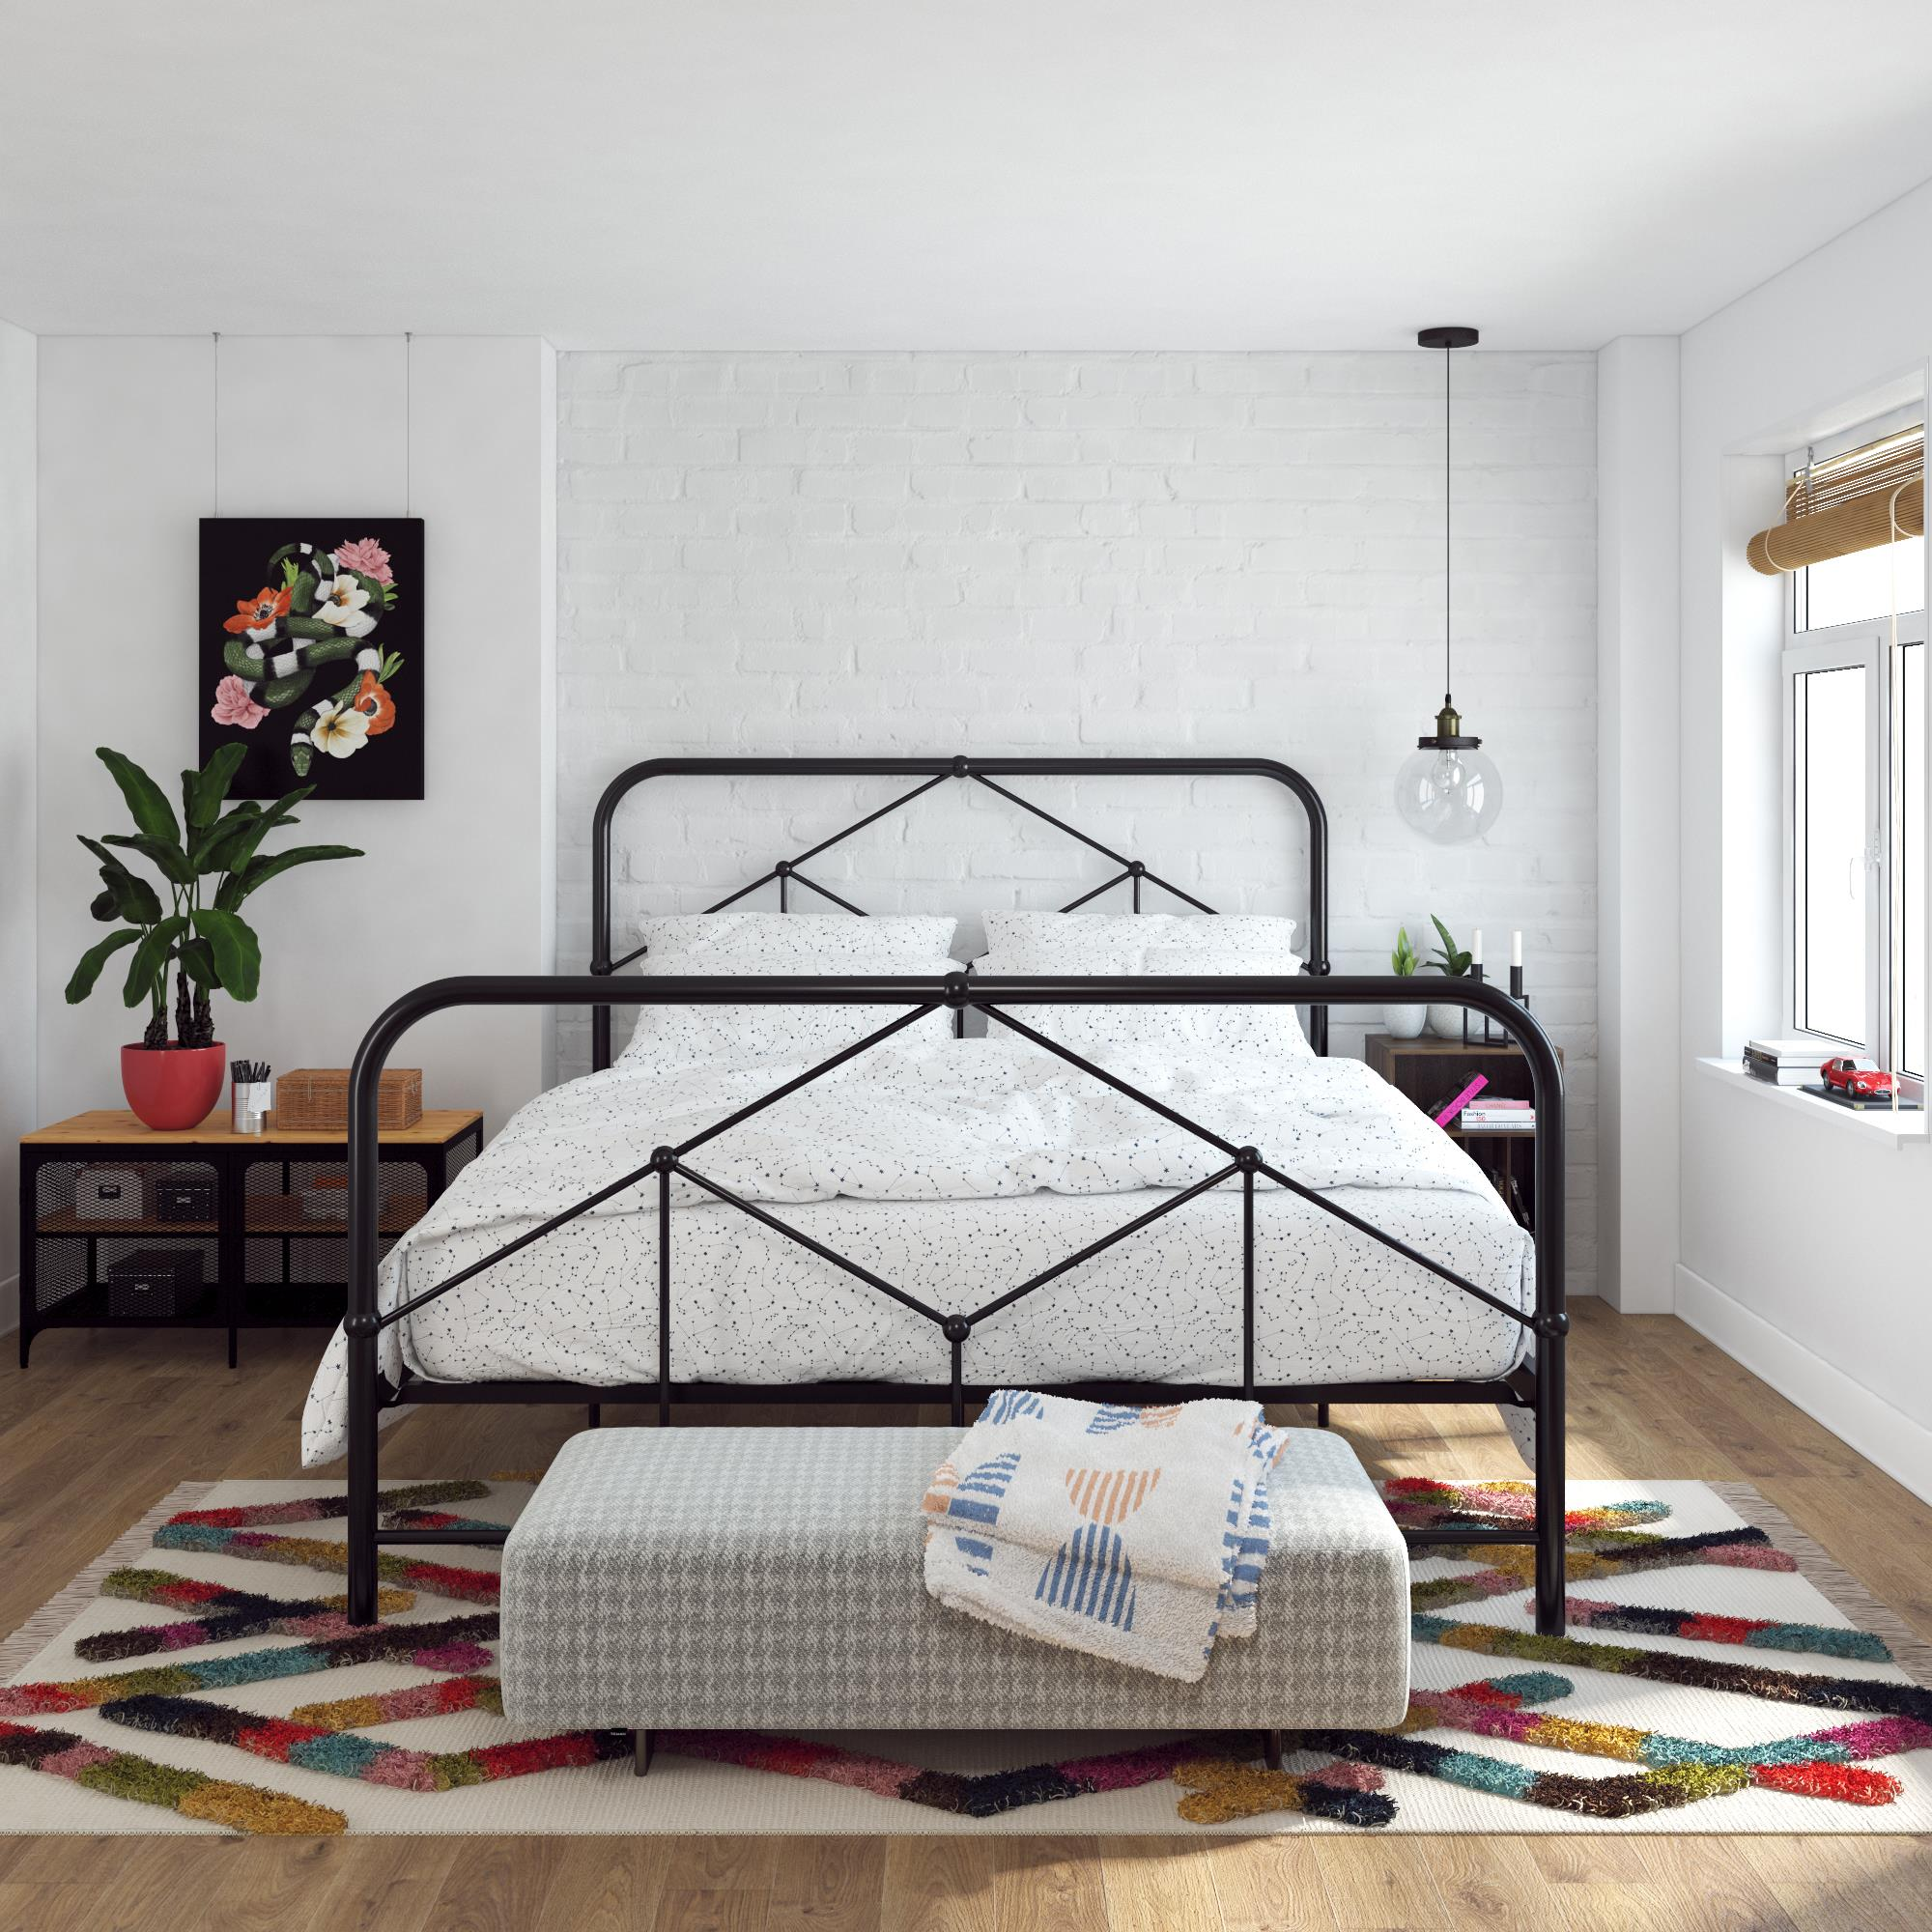 Novogratz Francis Farmhouse Metal Bed Full Bed Frame Black Walmart Com Walmart Com